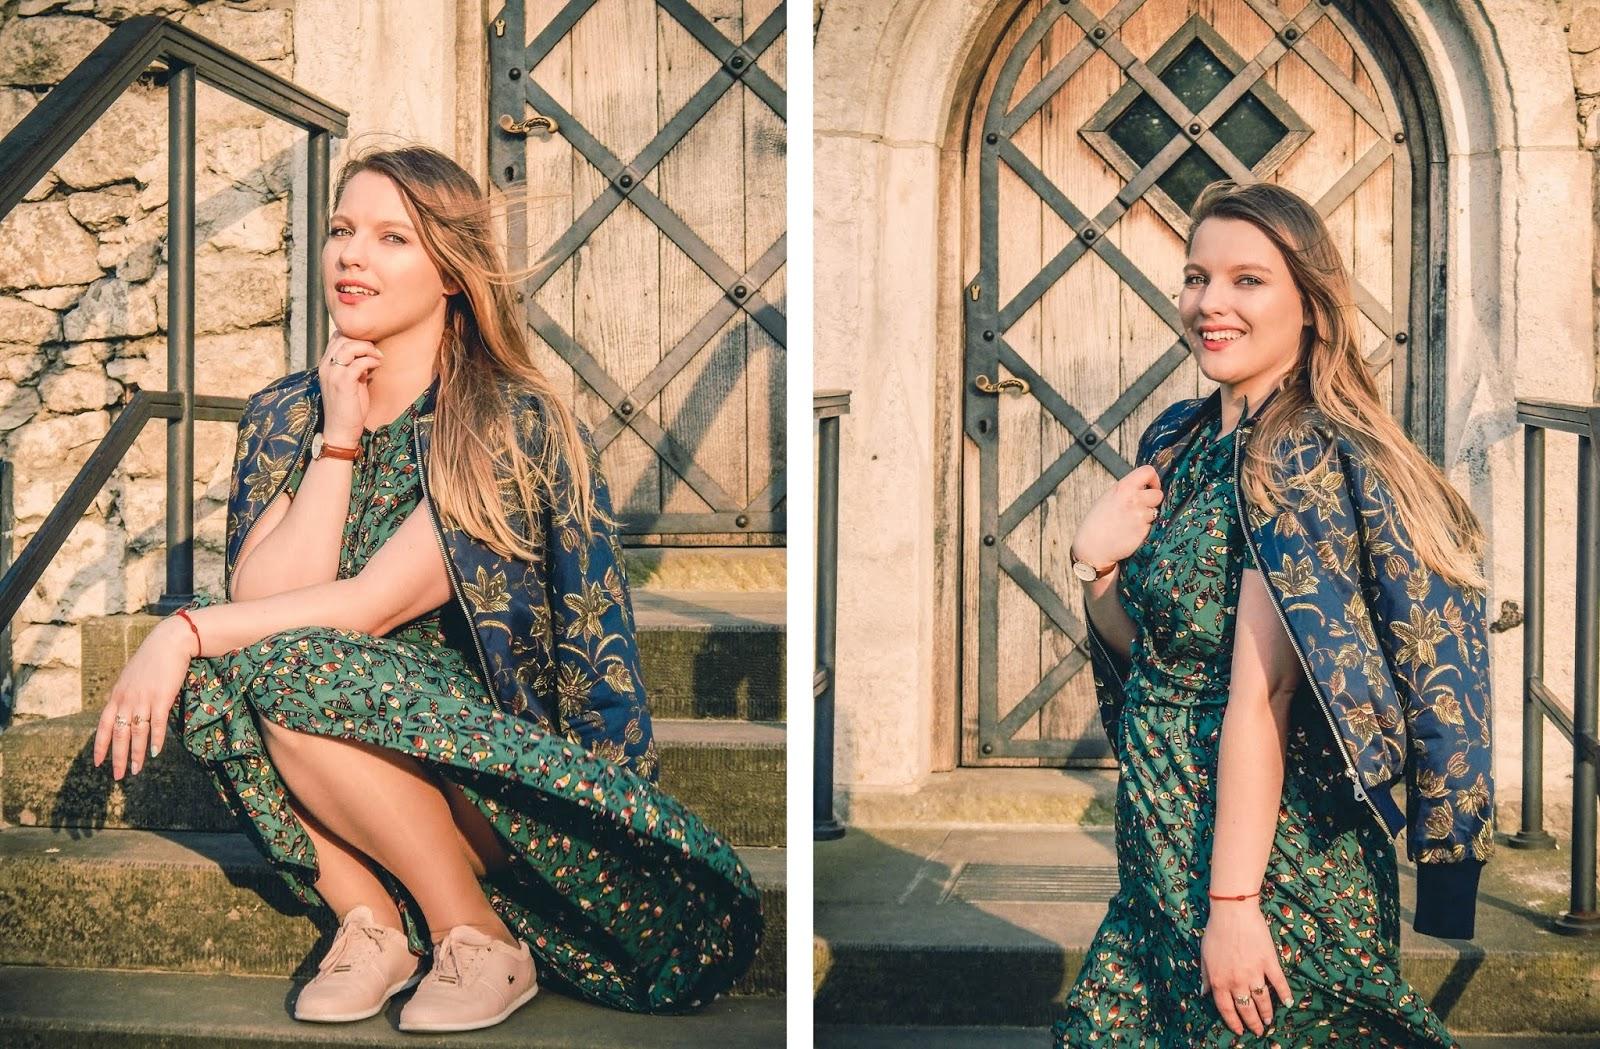 3 stylizacja polskie blogi modowe streetwear daniel wellington pracownia fio ciekawe polskie młode marki modowe odzieżowe instagram melodylaniella